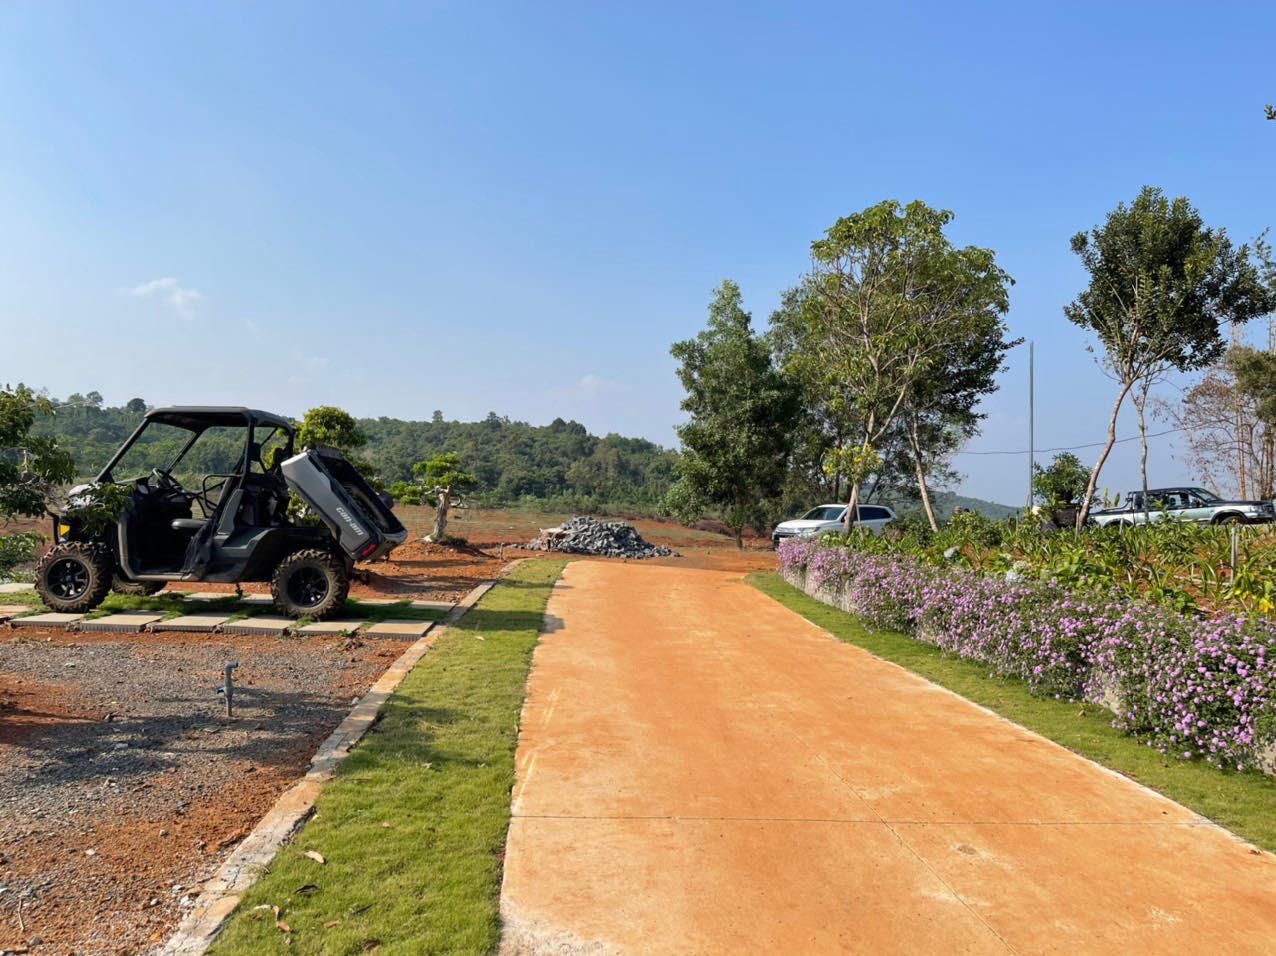 Đắk Nông: Công trình nghỉ dưỡng gần 1.000m2 lấn chiếm lòng hồ thuỷ điện  - Ảnh 3.